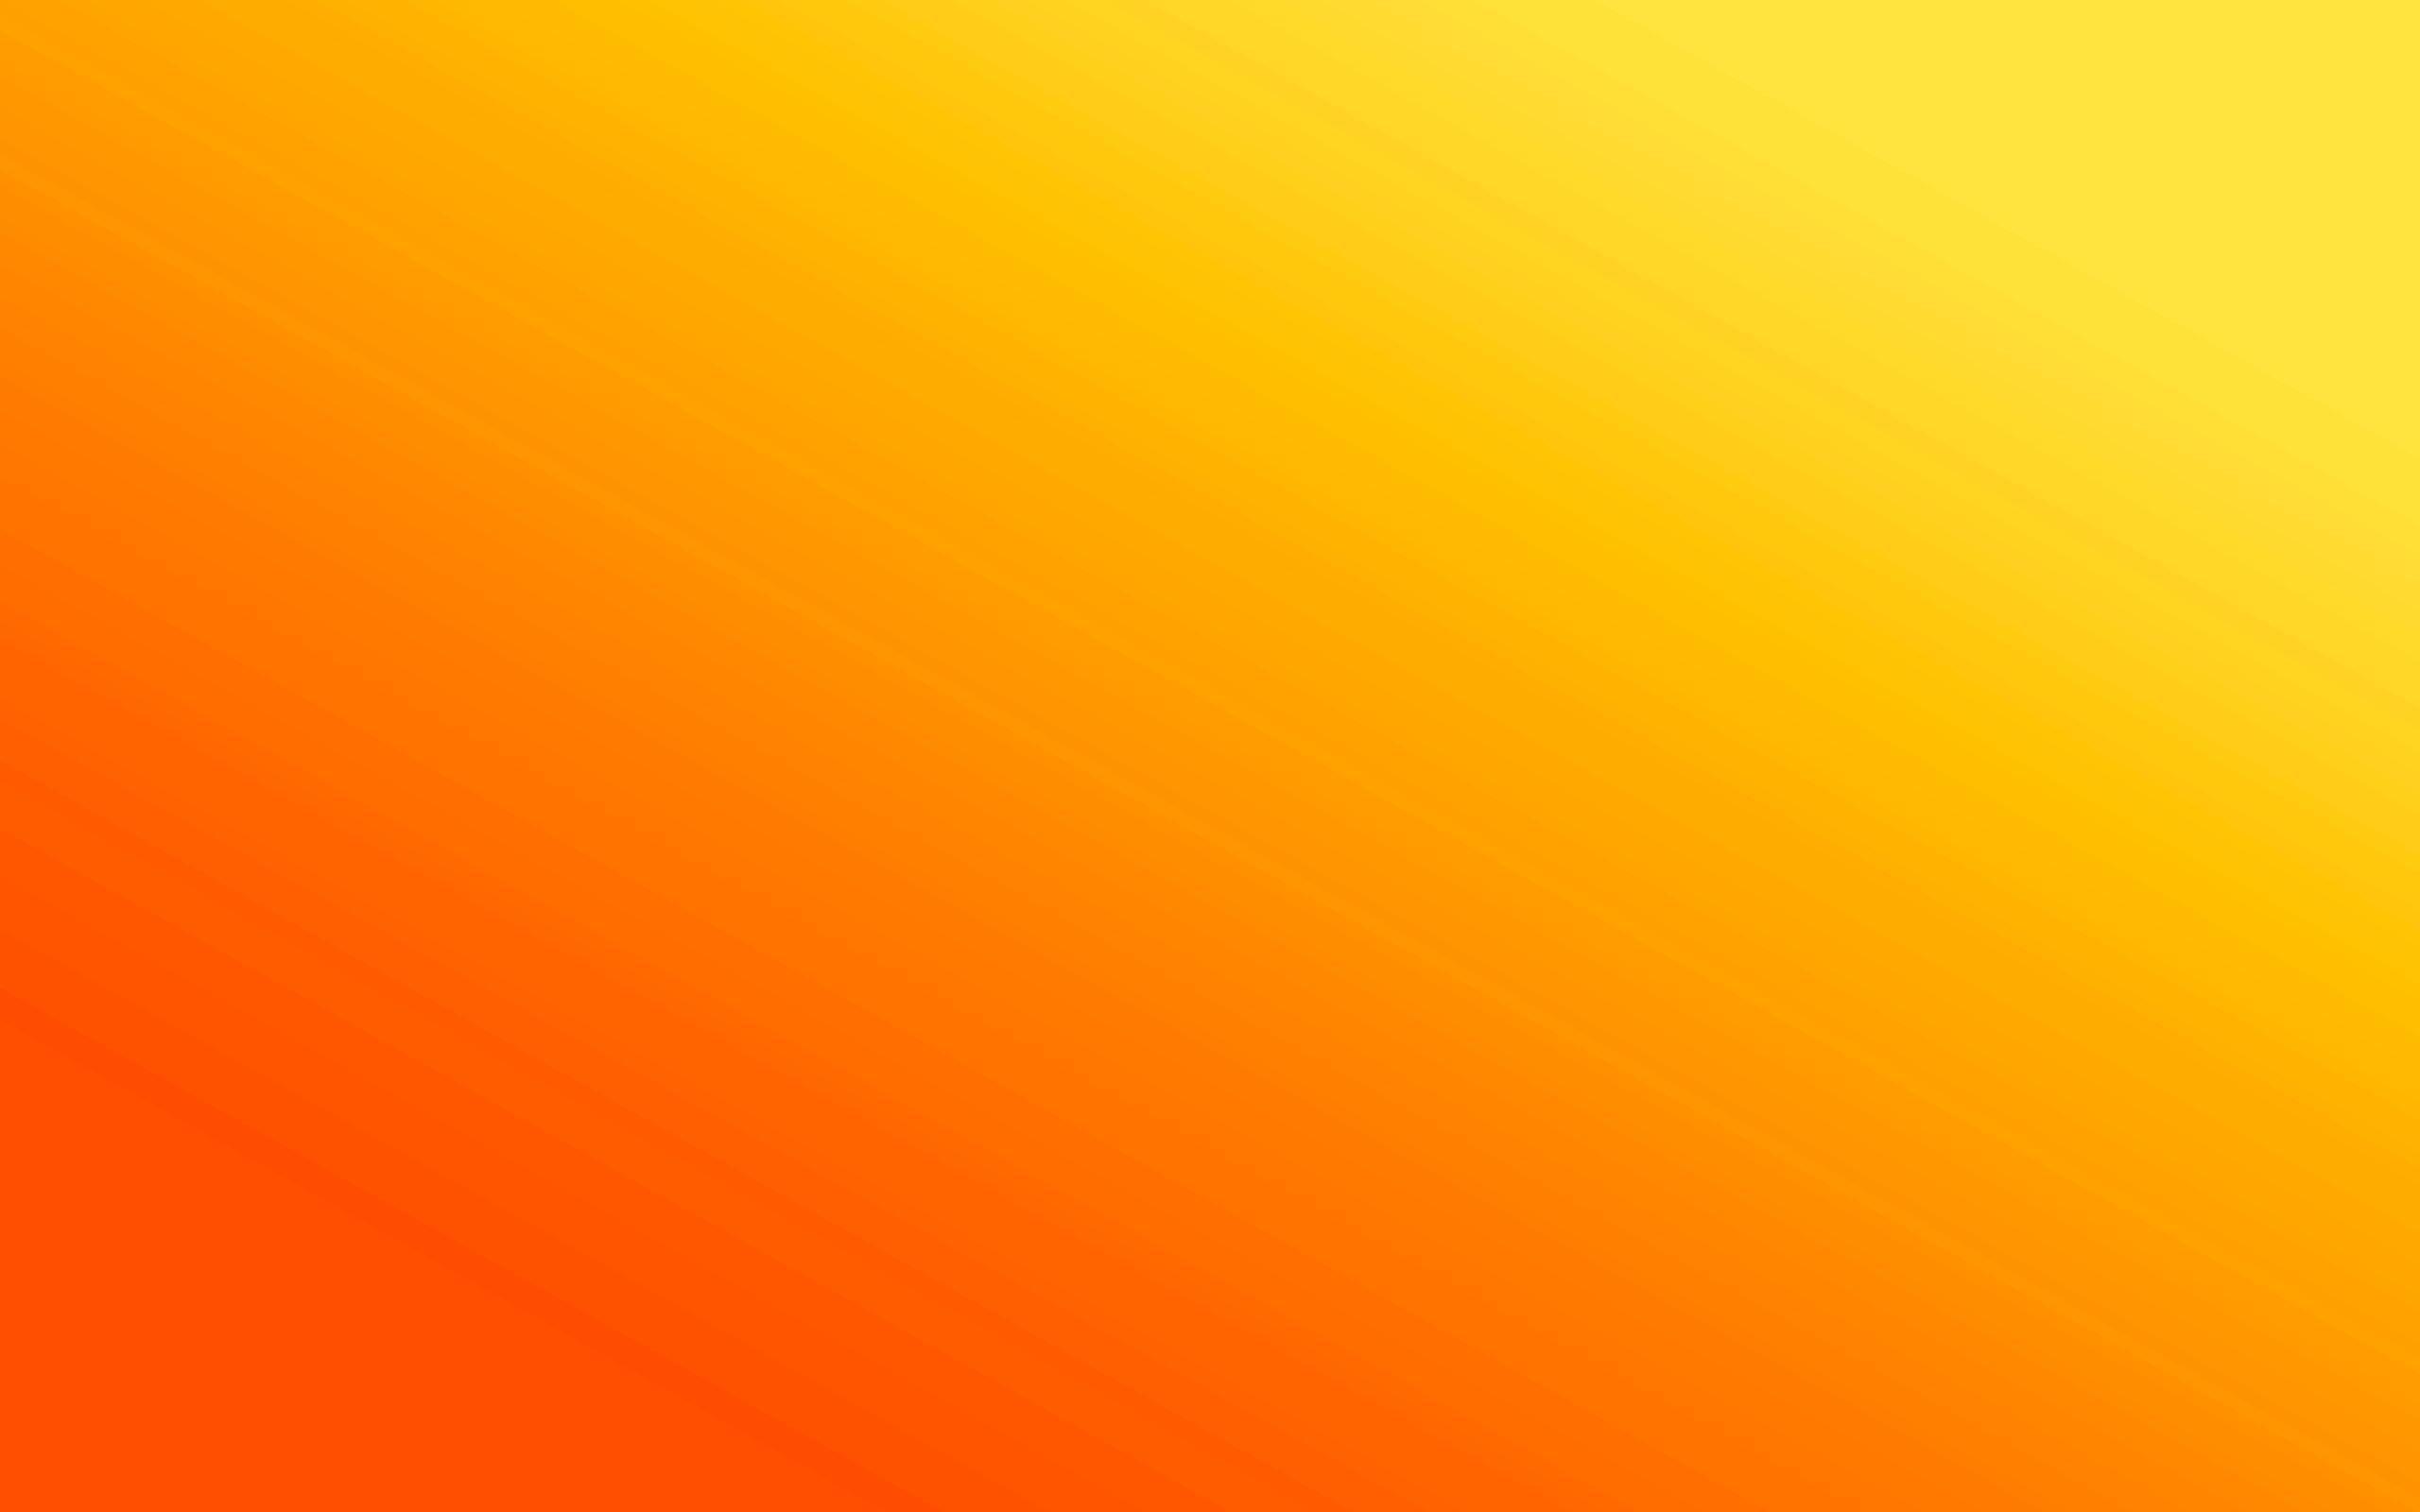 Hình nền màu cam và vàng 2560x1600